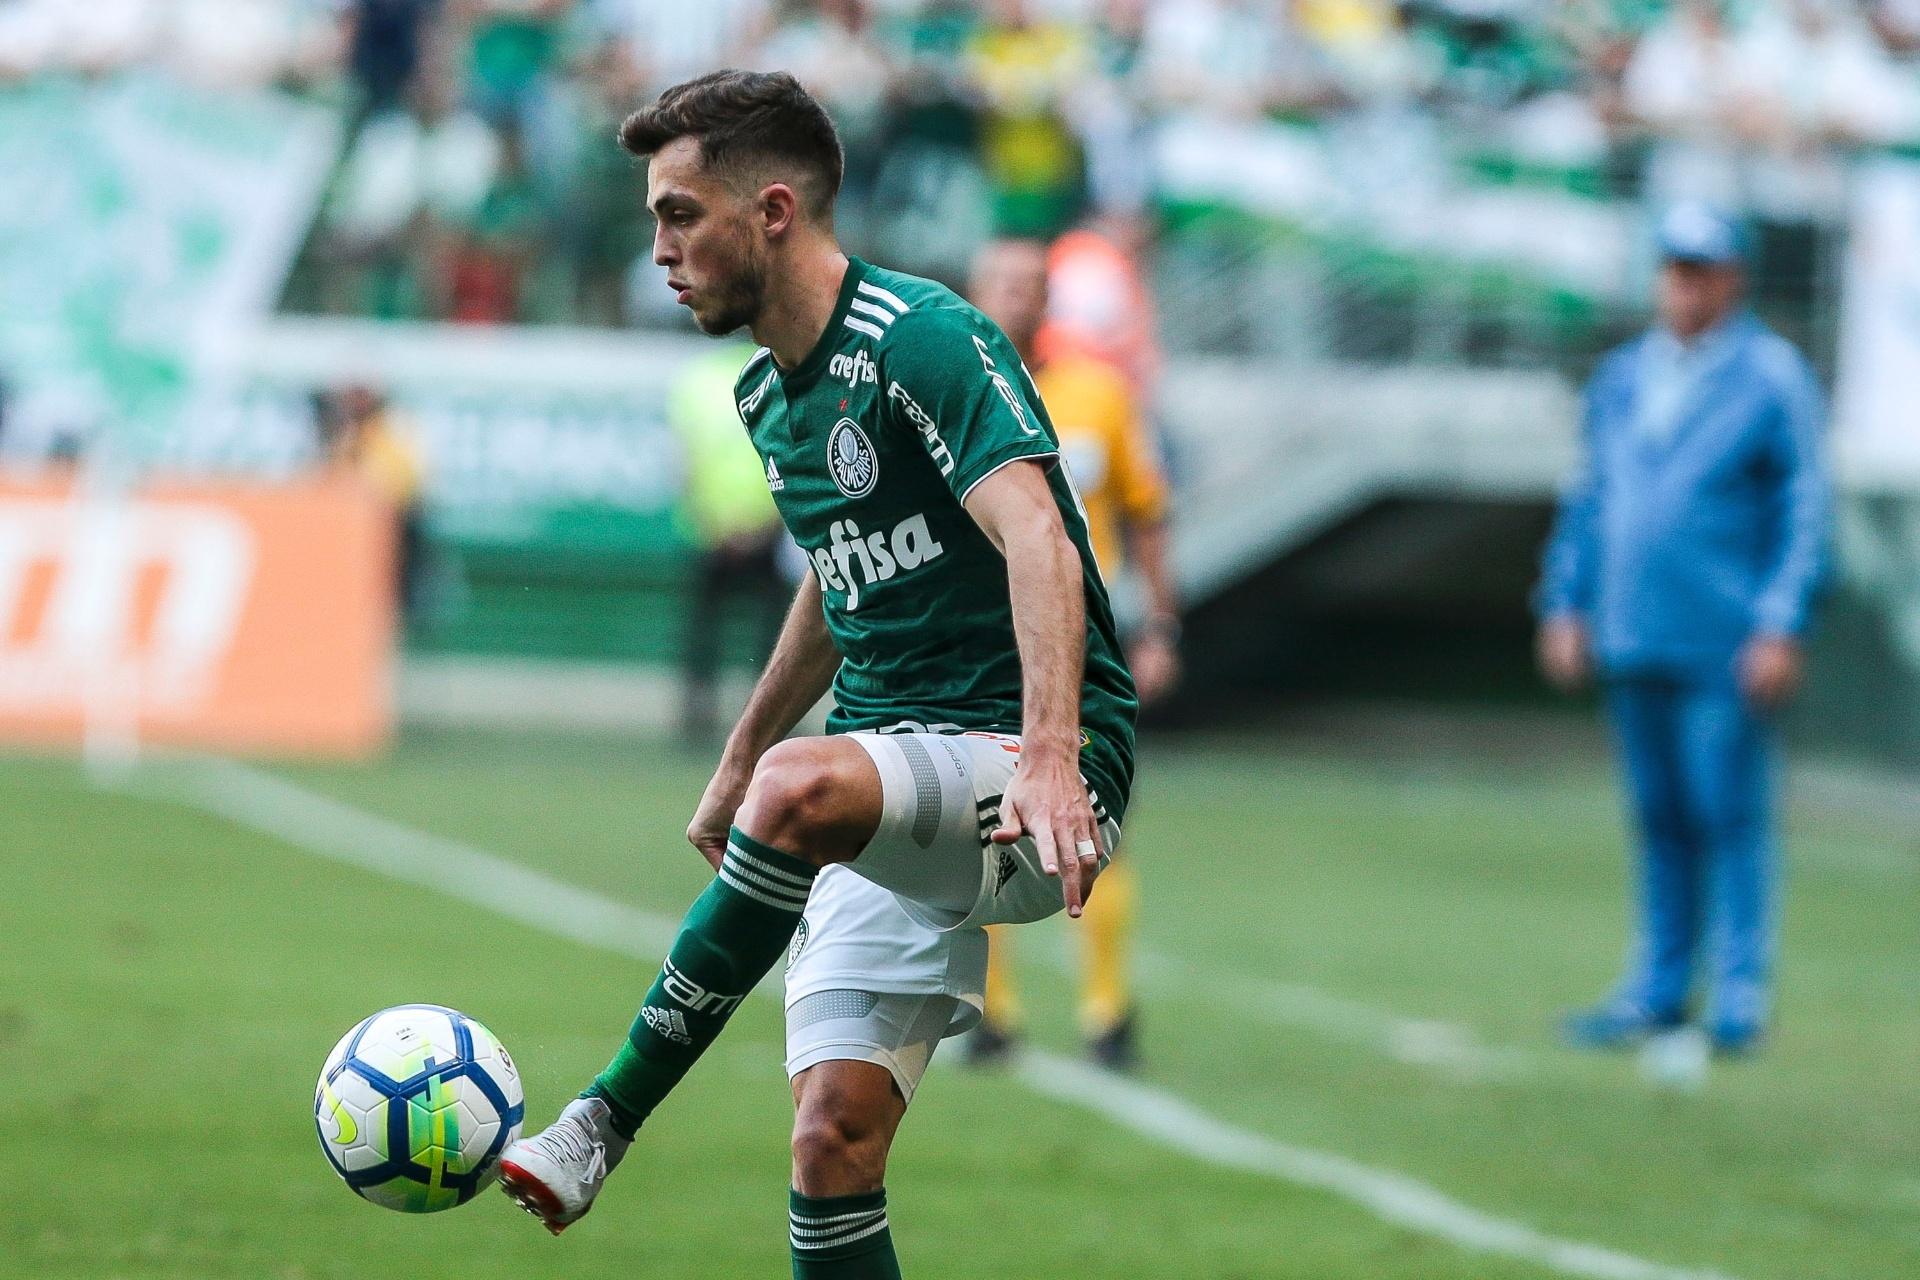 5f57cf1148 Botafogo vê elenco pronto para iniciar temporada - 19 01 2019 - UOL Esporte